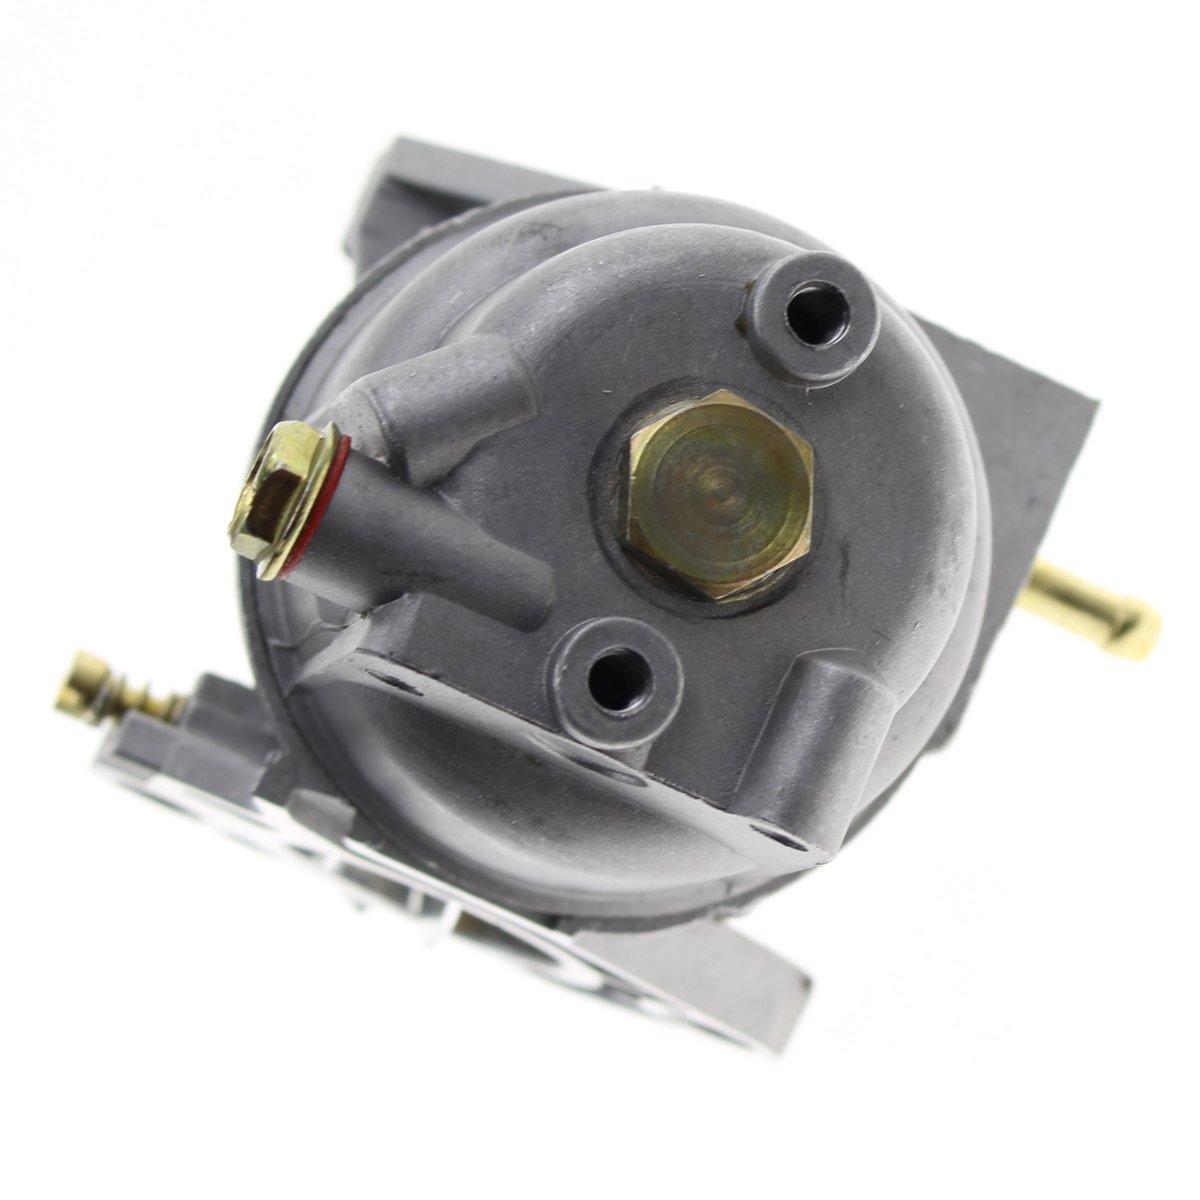 AUTOKAY New Carburetor for Carb Homelite PowerStroke 5000W 6000W 7500 Watt 16100-Z191110